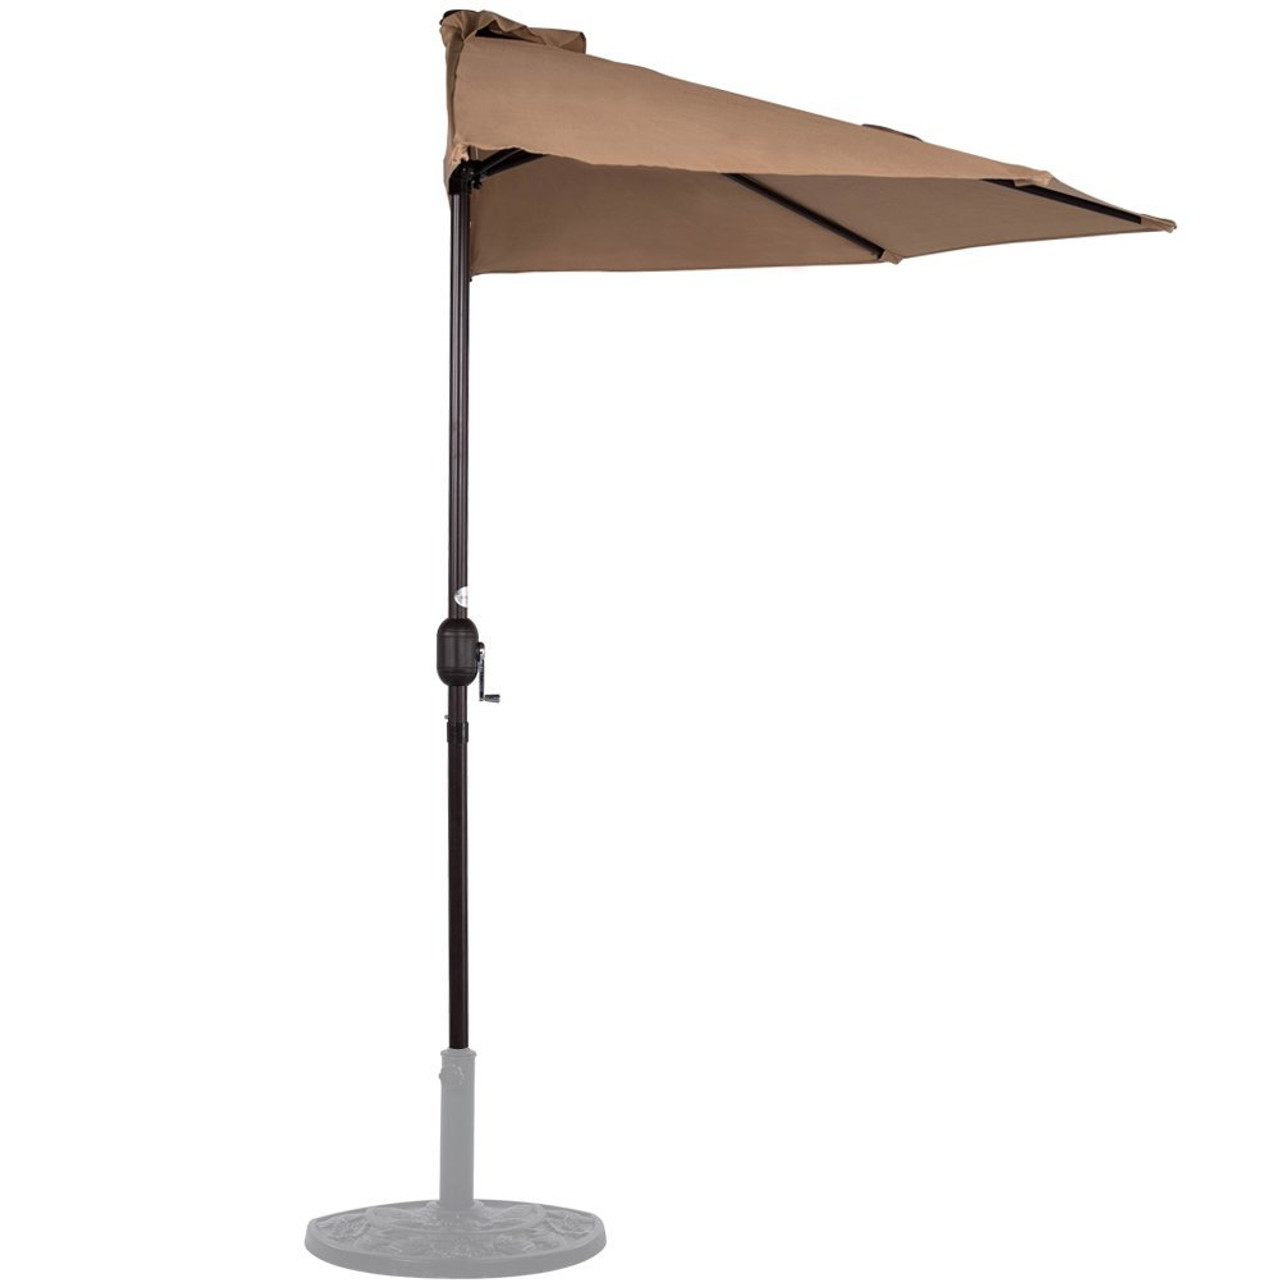 9 Feet Steel Half Patio Umbrella With Crank, 5 Steel Ribs (Tan)